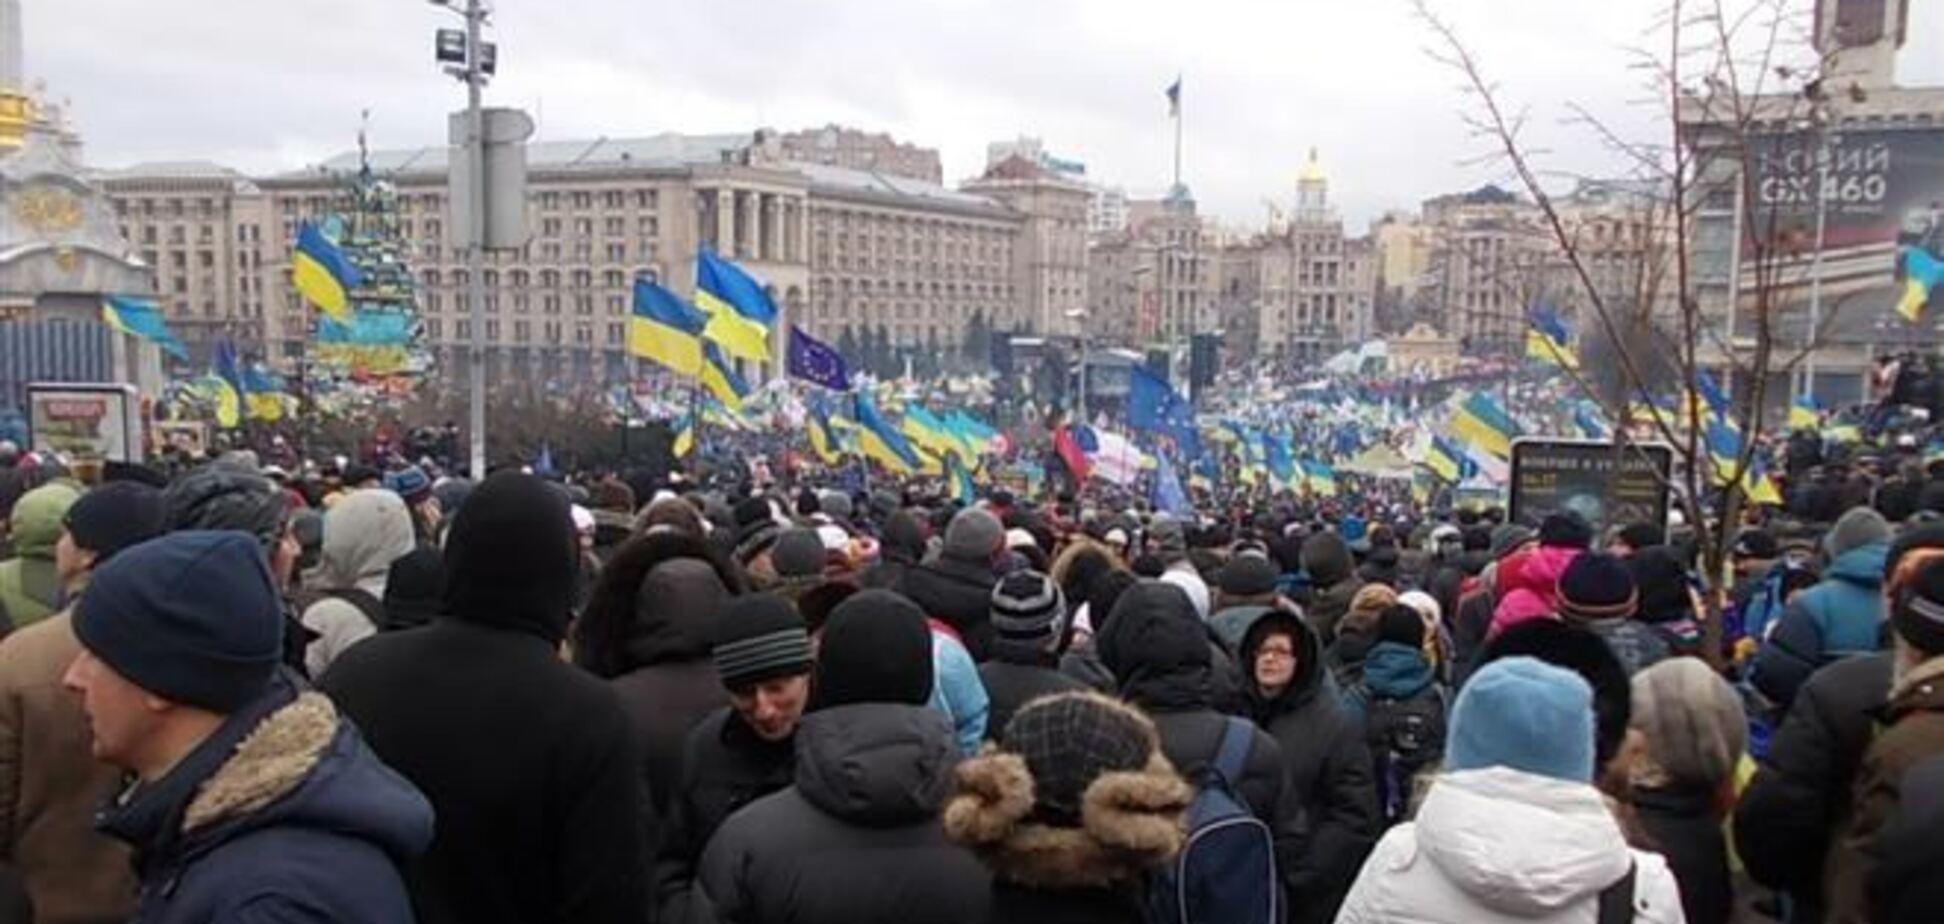 На Майдані побили студента, запідозривши в ньому провокатора - міліція